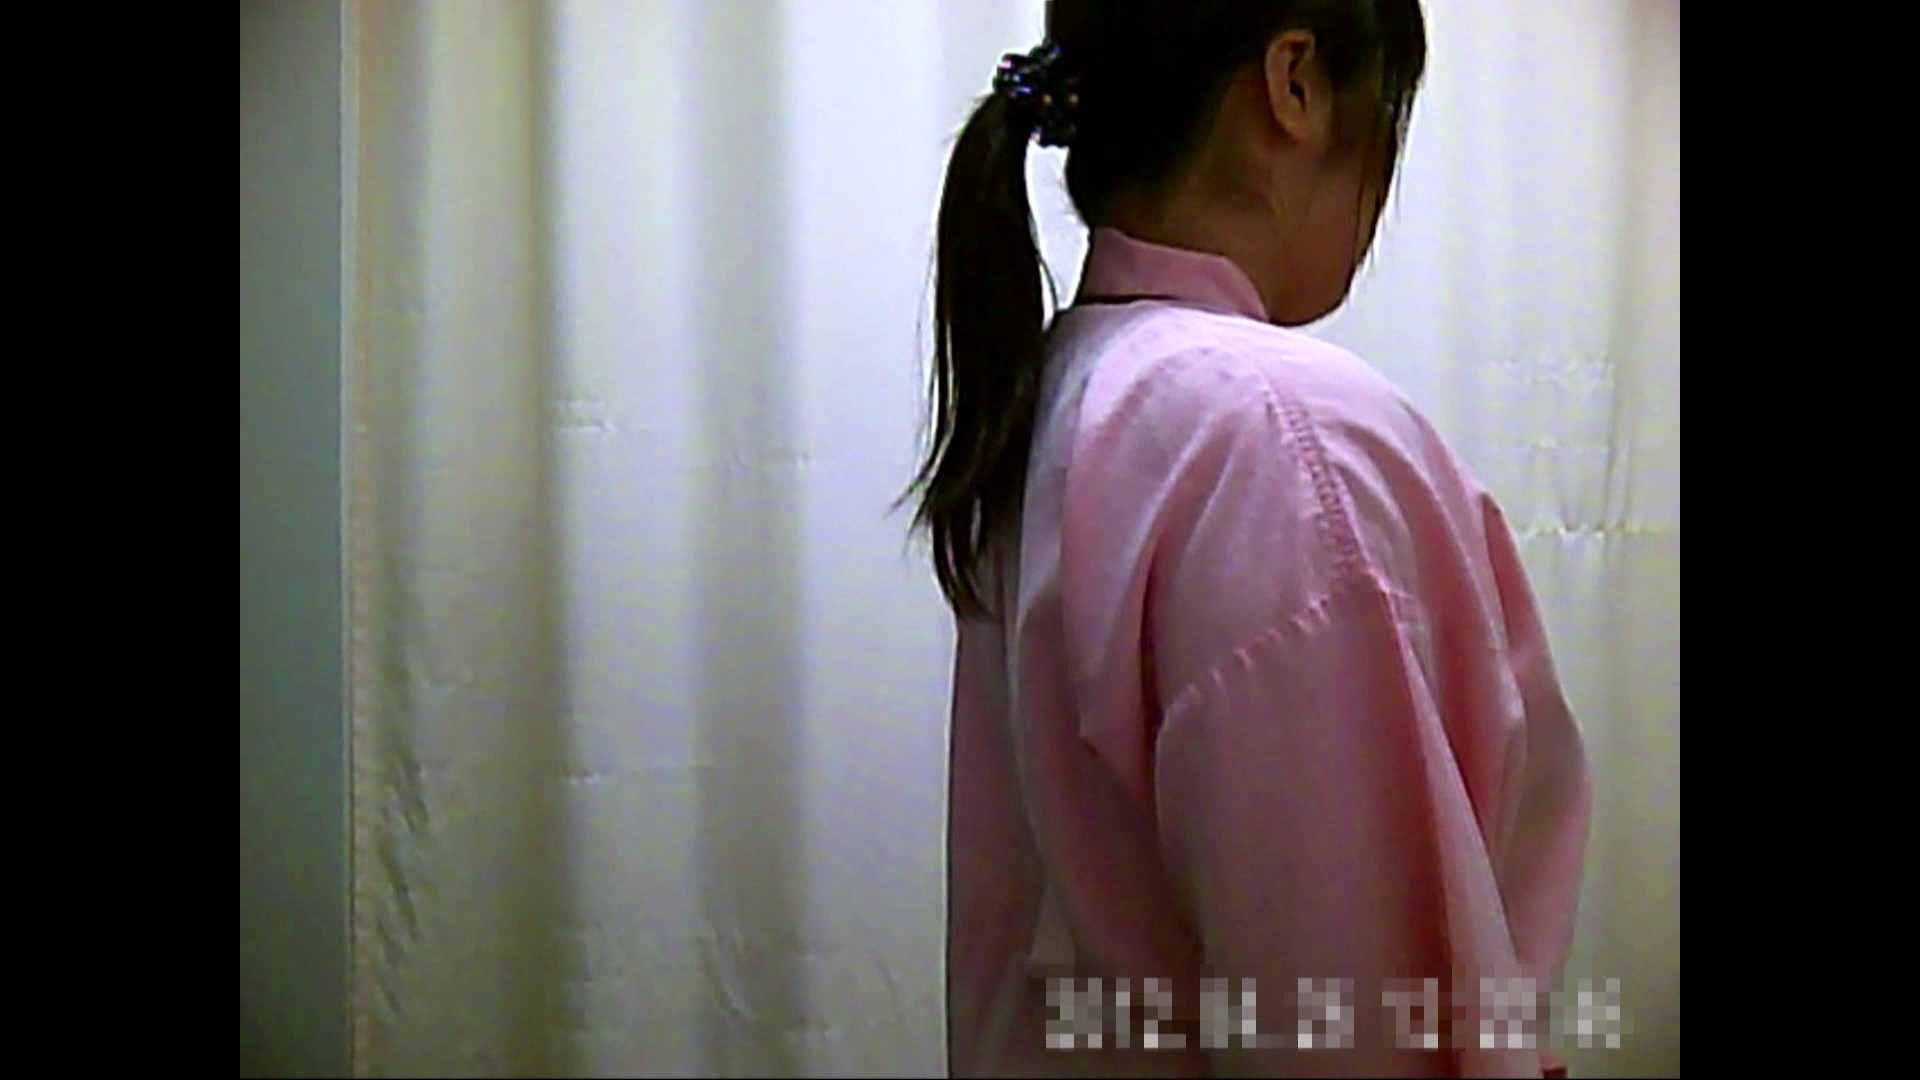 元医者による反抗 更衣室地獄絵巻 vol.007 ギャル  101PIX 9